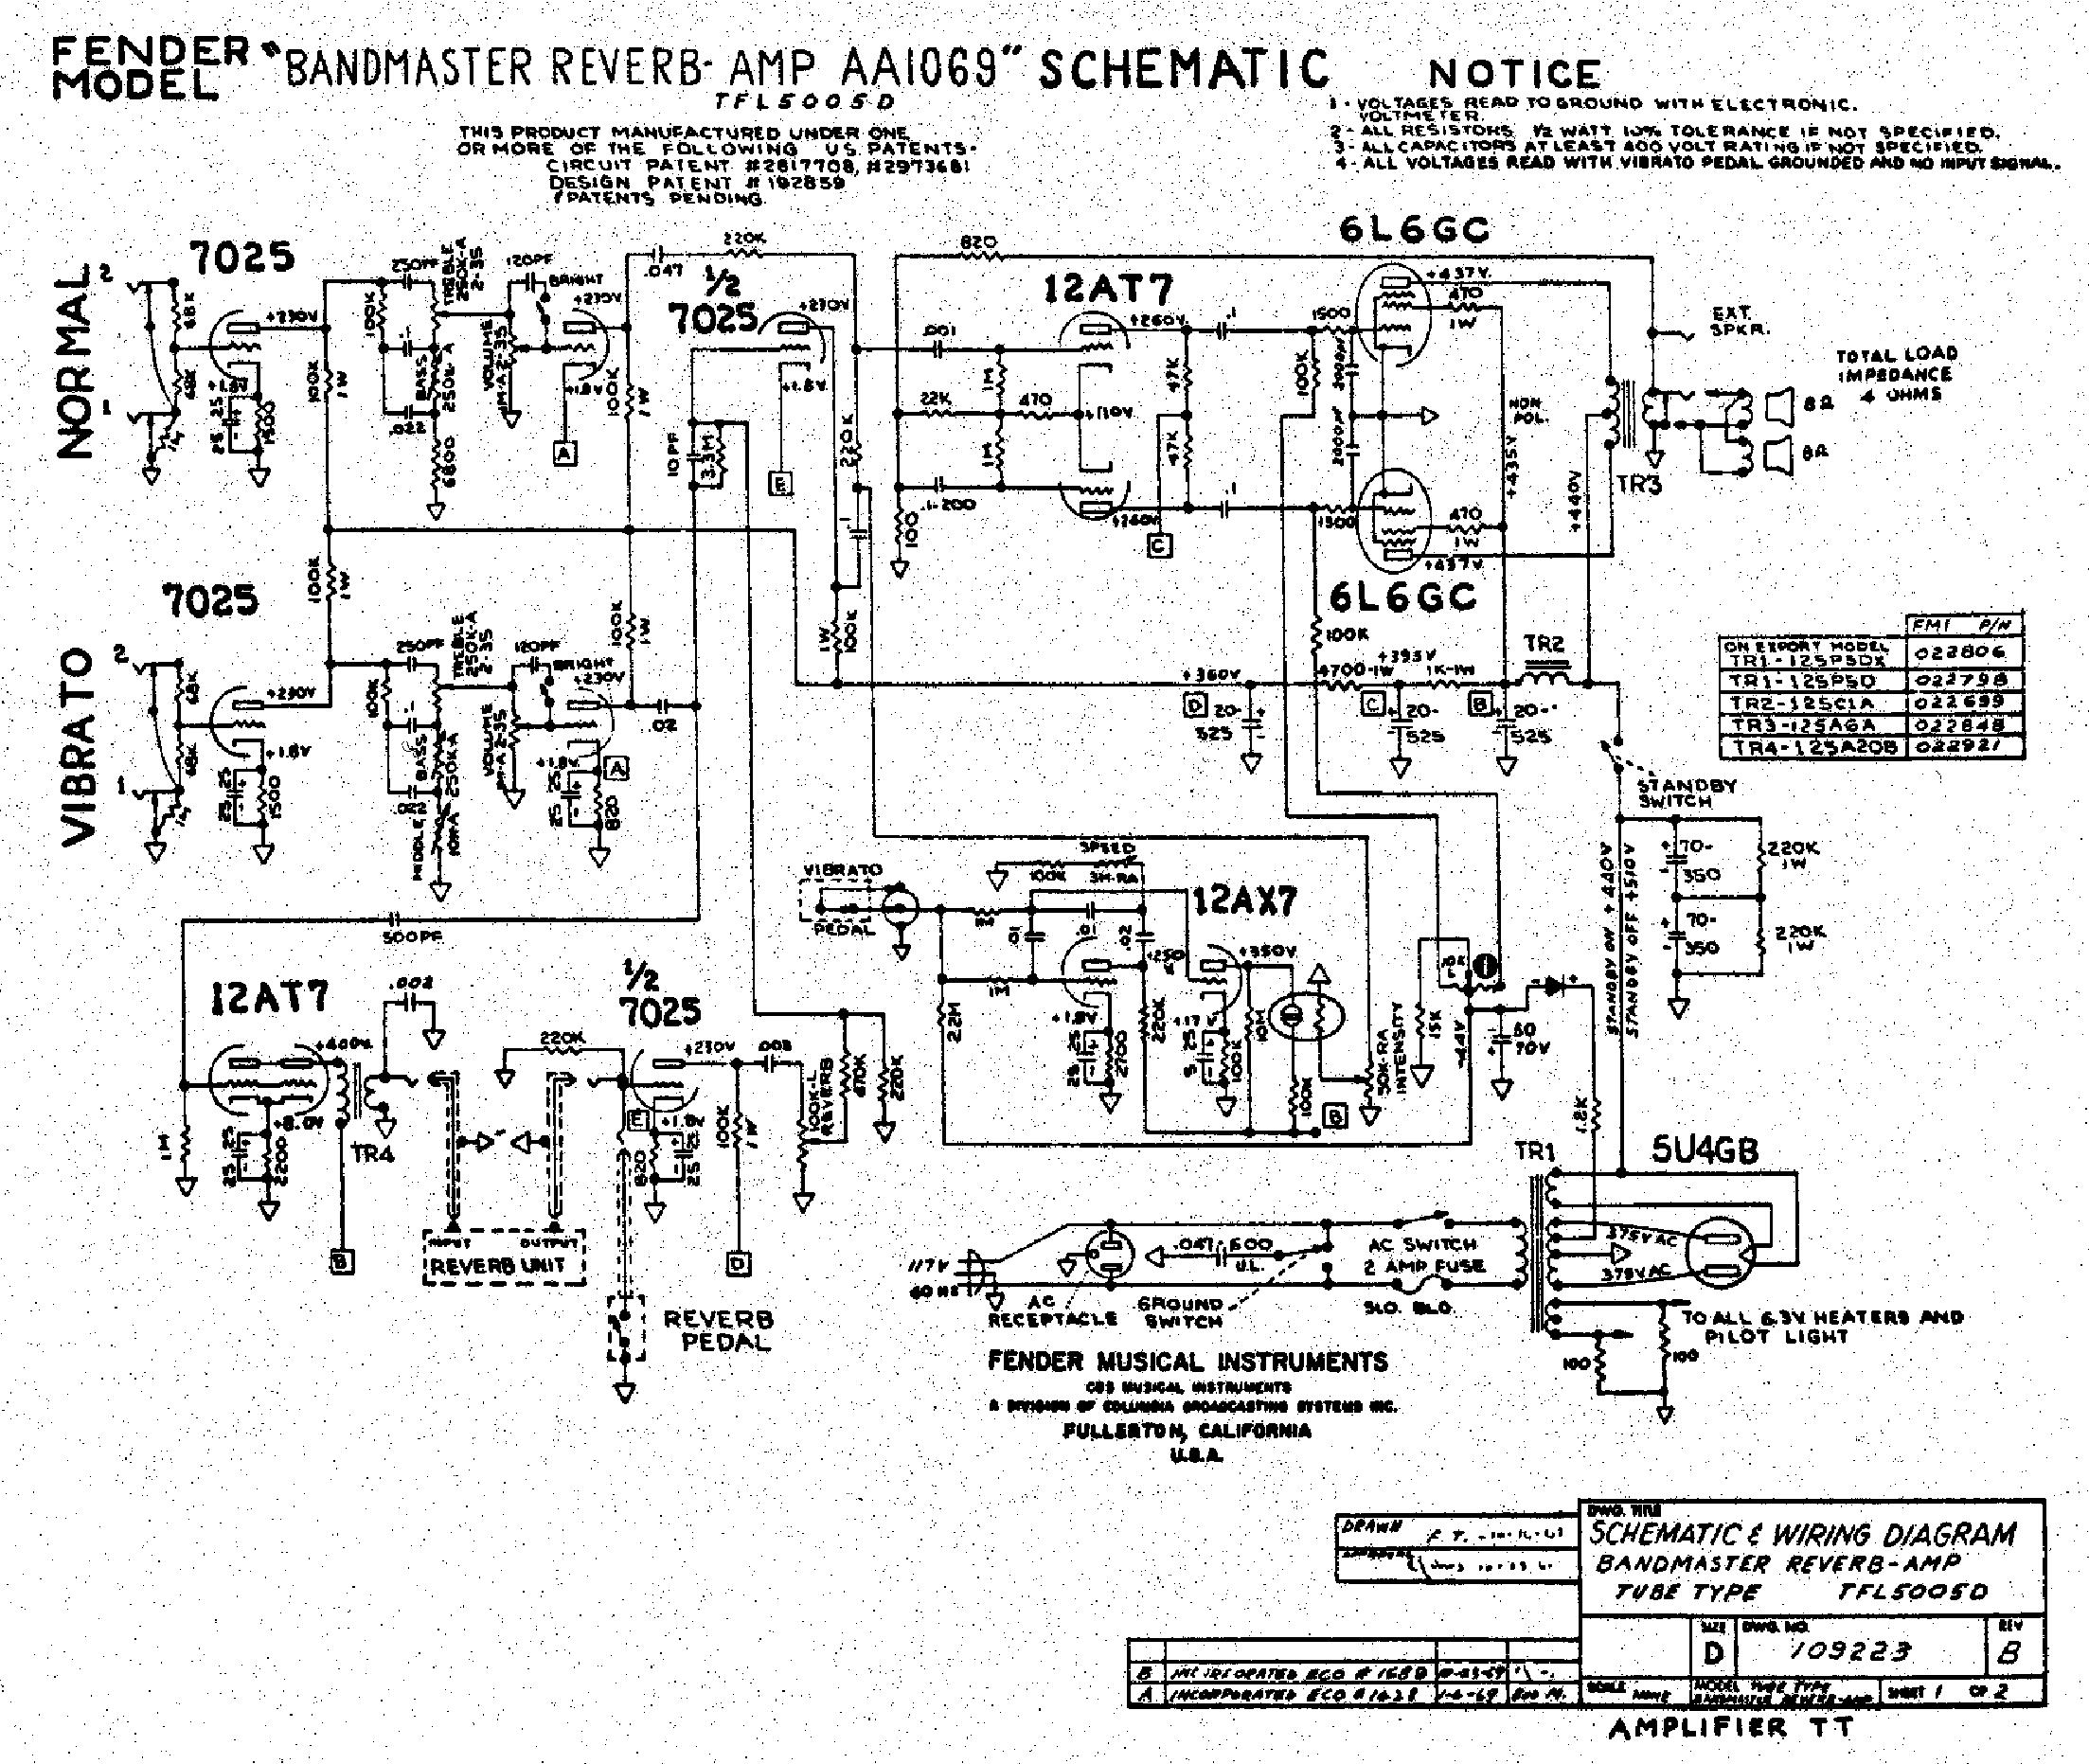 FENDER PERFORMER 1000 SCHEMATIC PDF DOWNLOAD